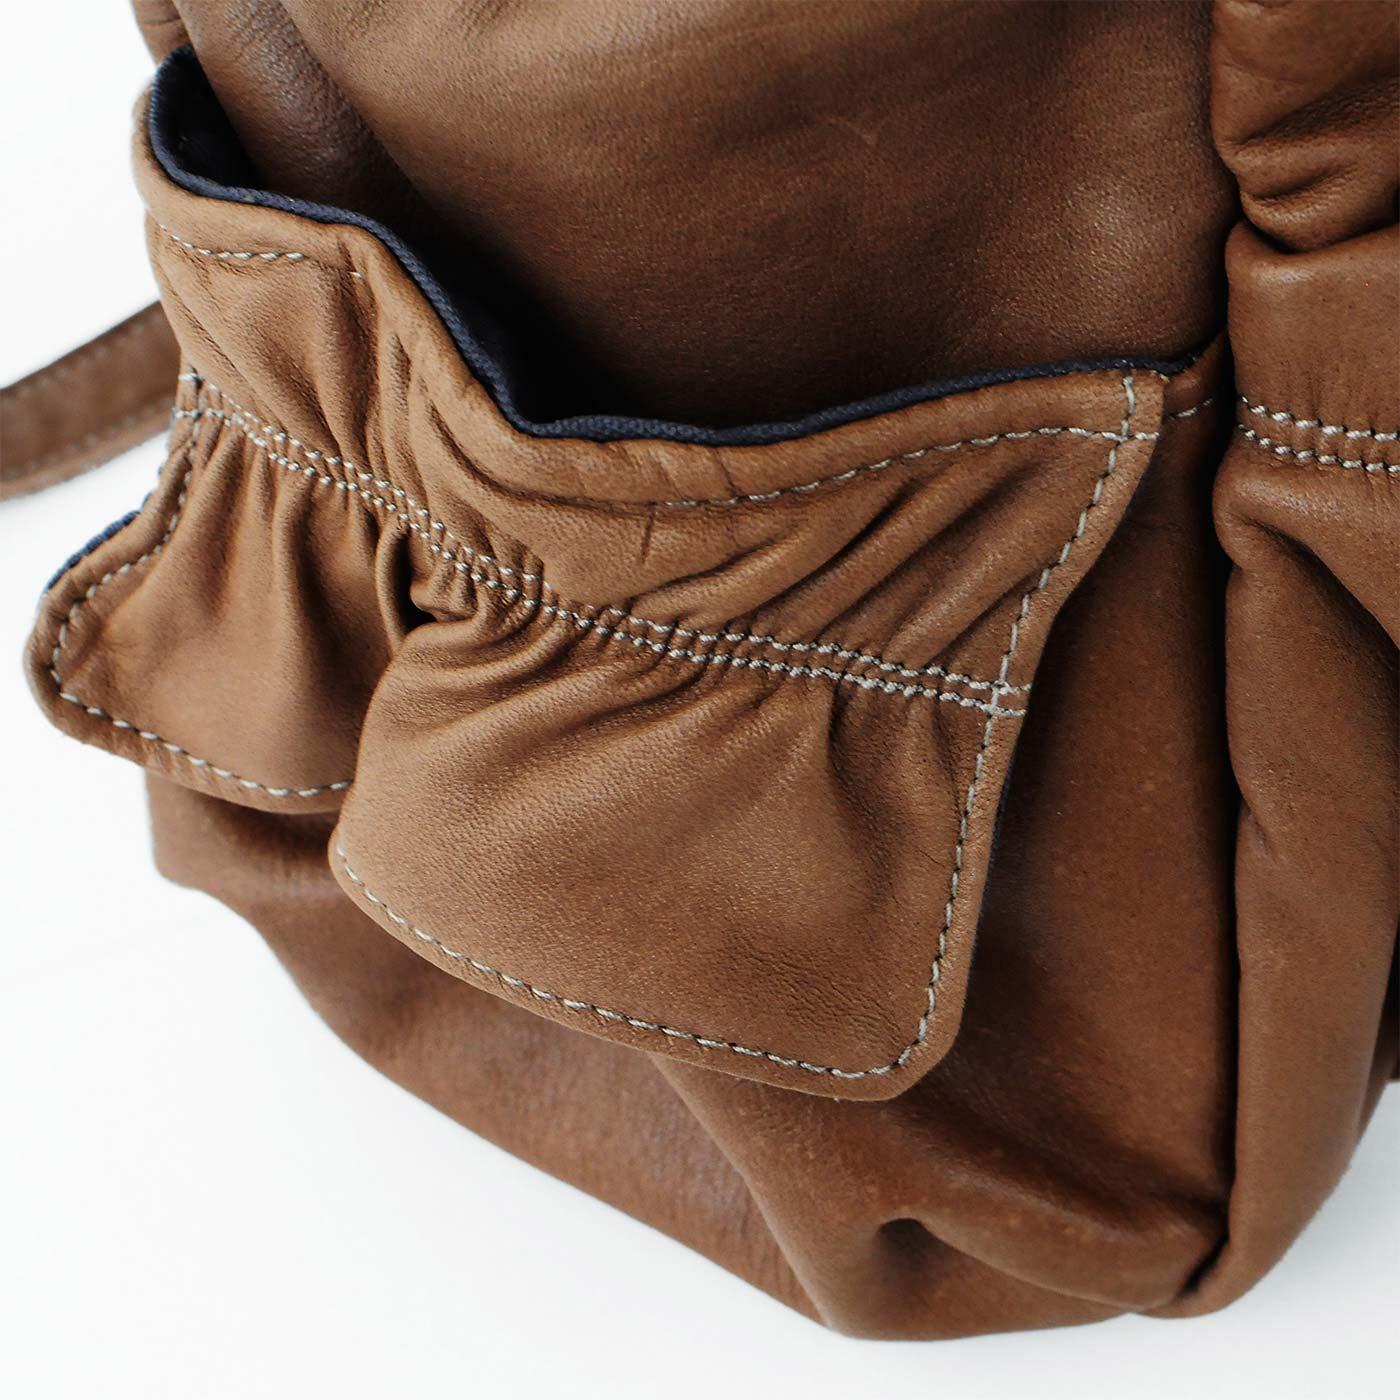 小物収納に便利な側面ポケット